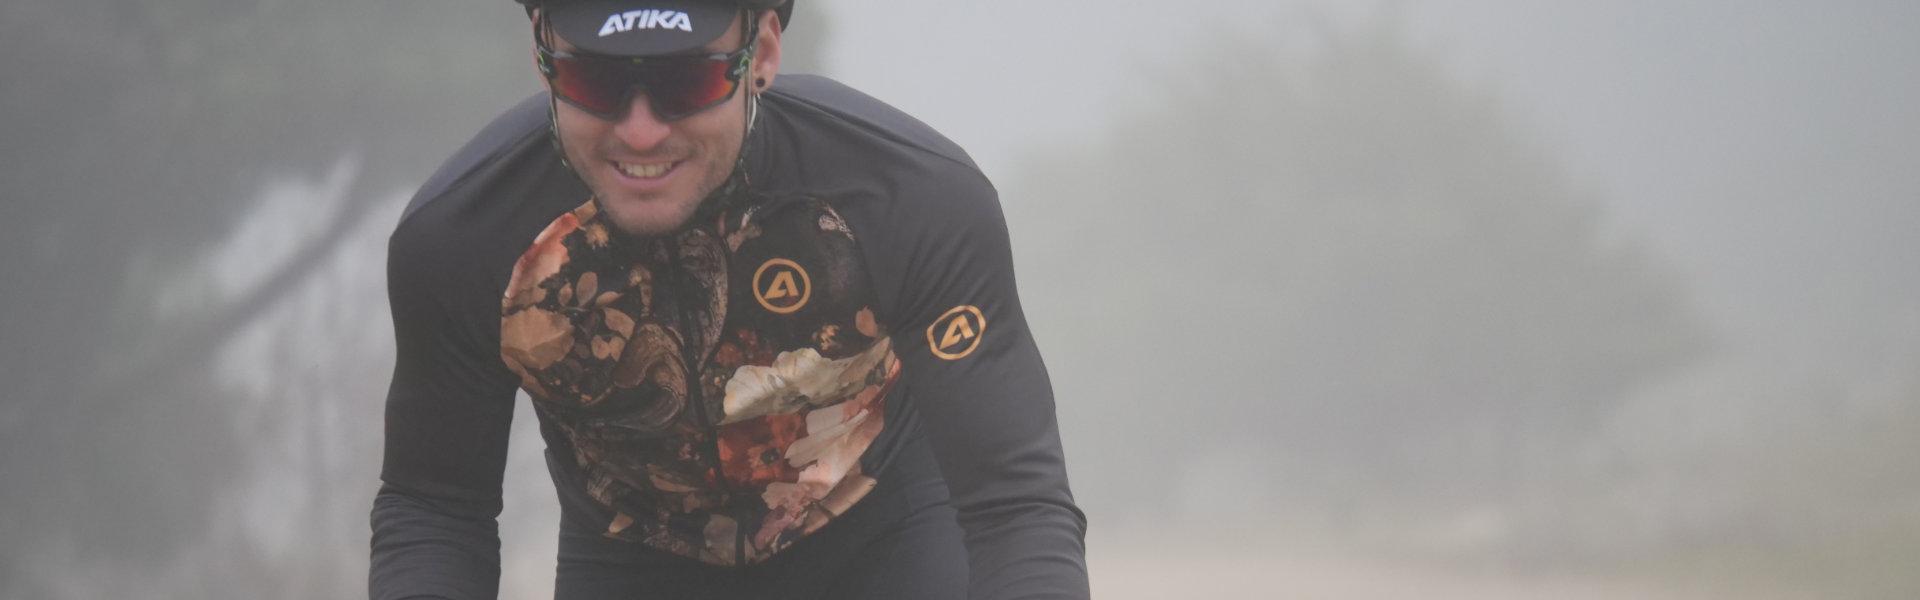 Cómo elegir la ropa de ciclismo para invierno